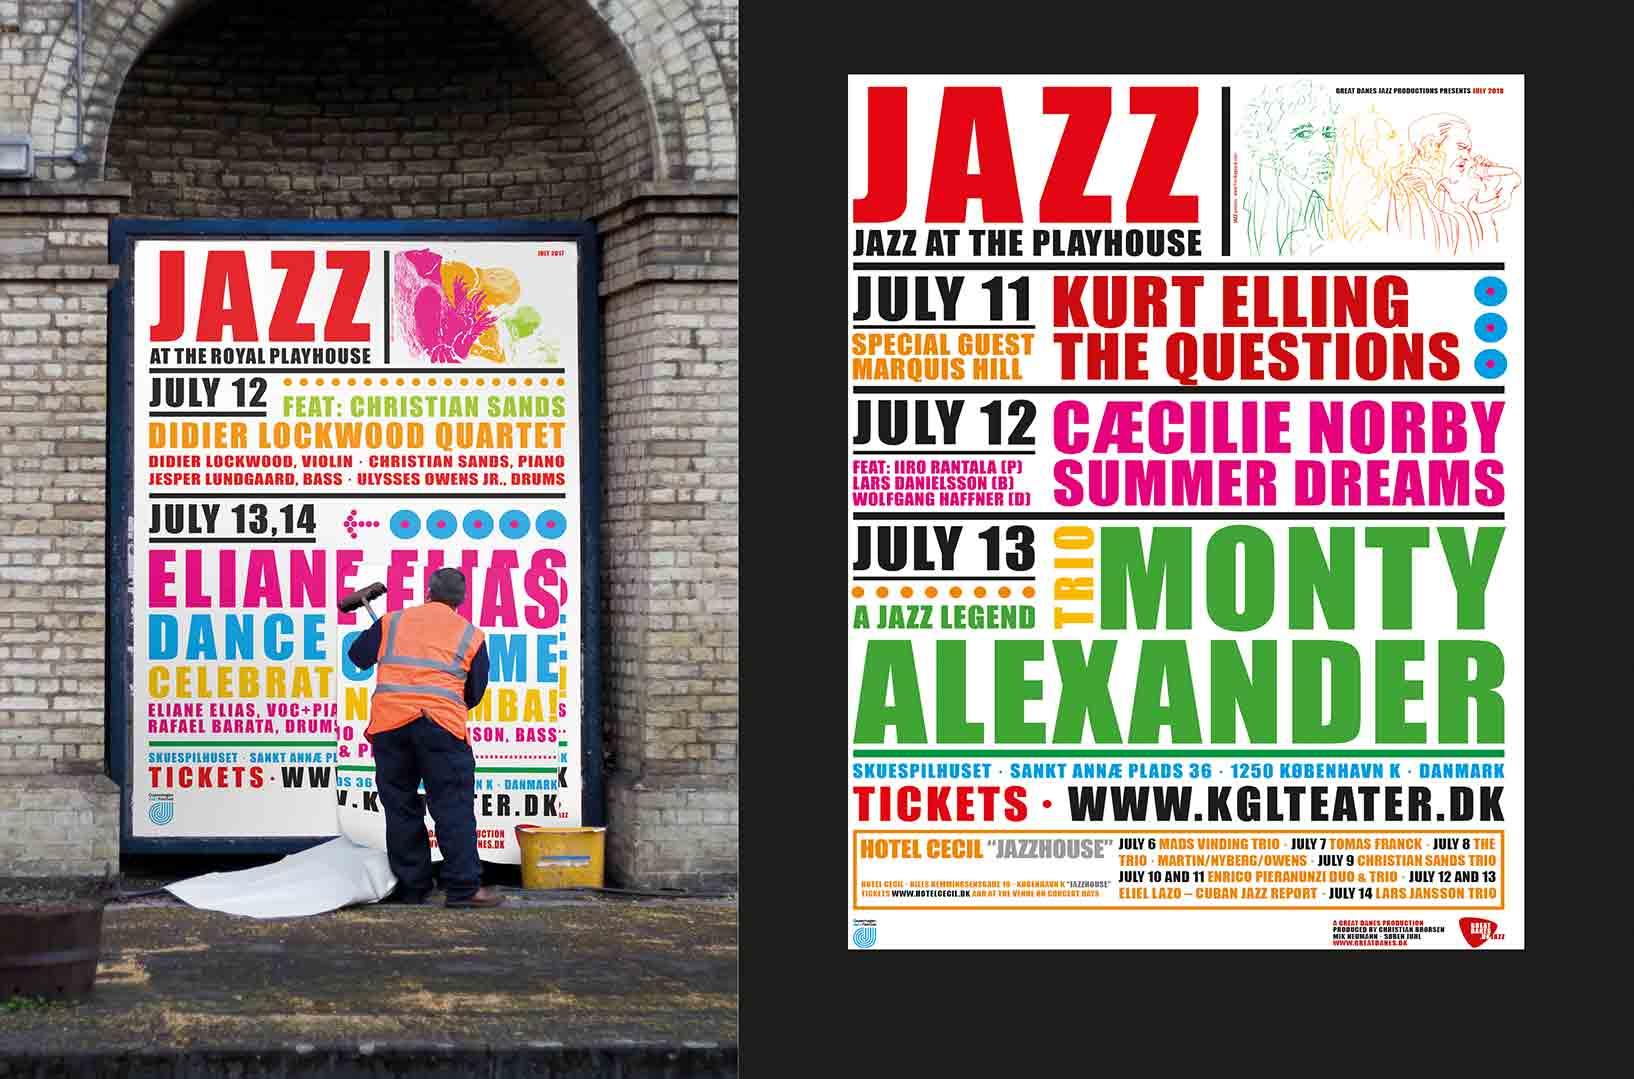 Jazz at The Royal Playhouse